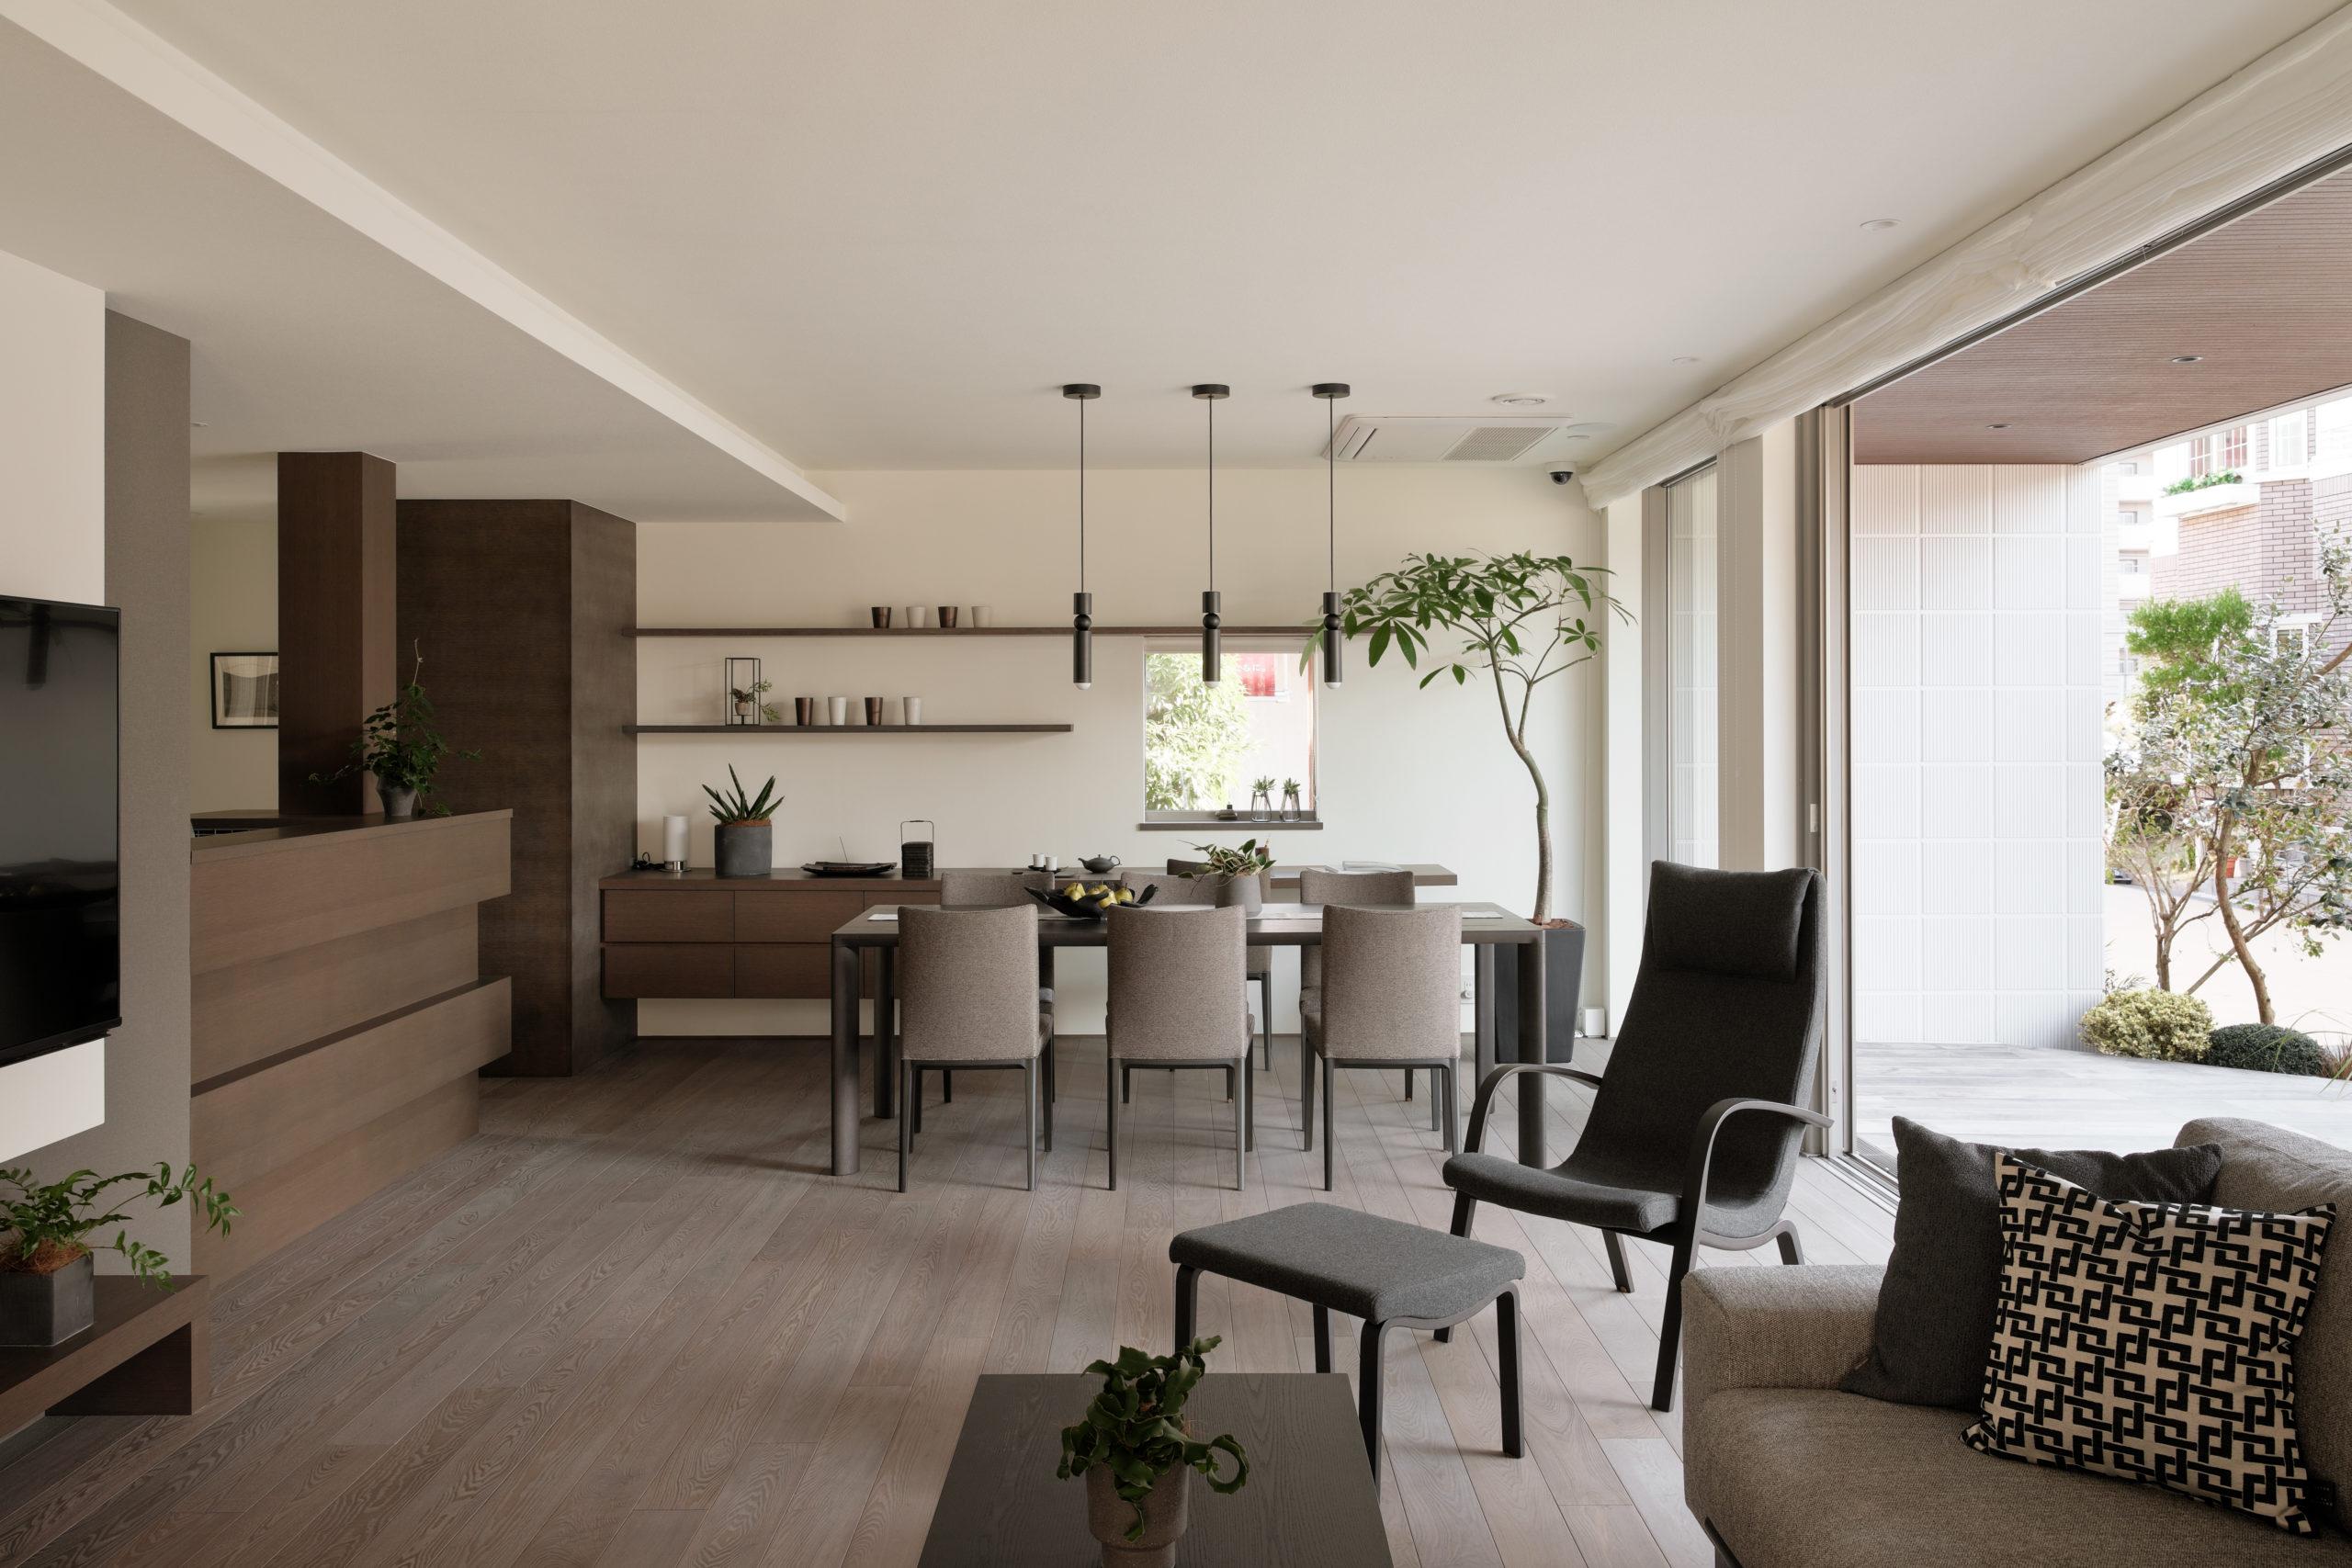 親世帯のLDKはグレイッシュトーンで落着いた雰囲気に、天井に間接照明を設置しひかりの帯がほっとする空間を演出しています。